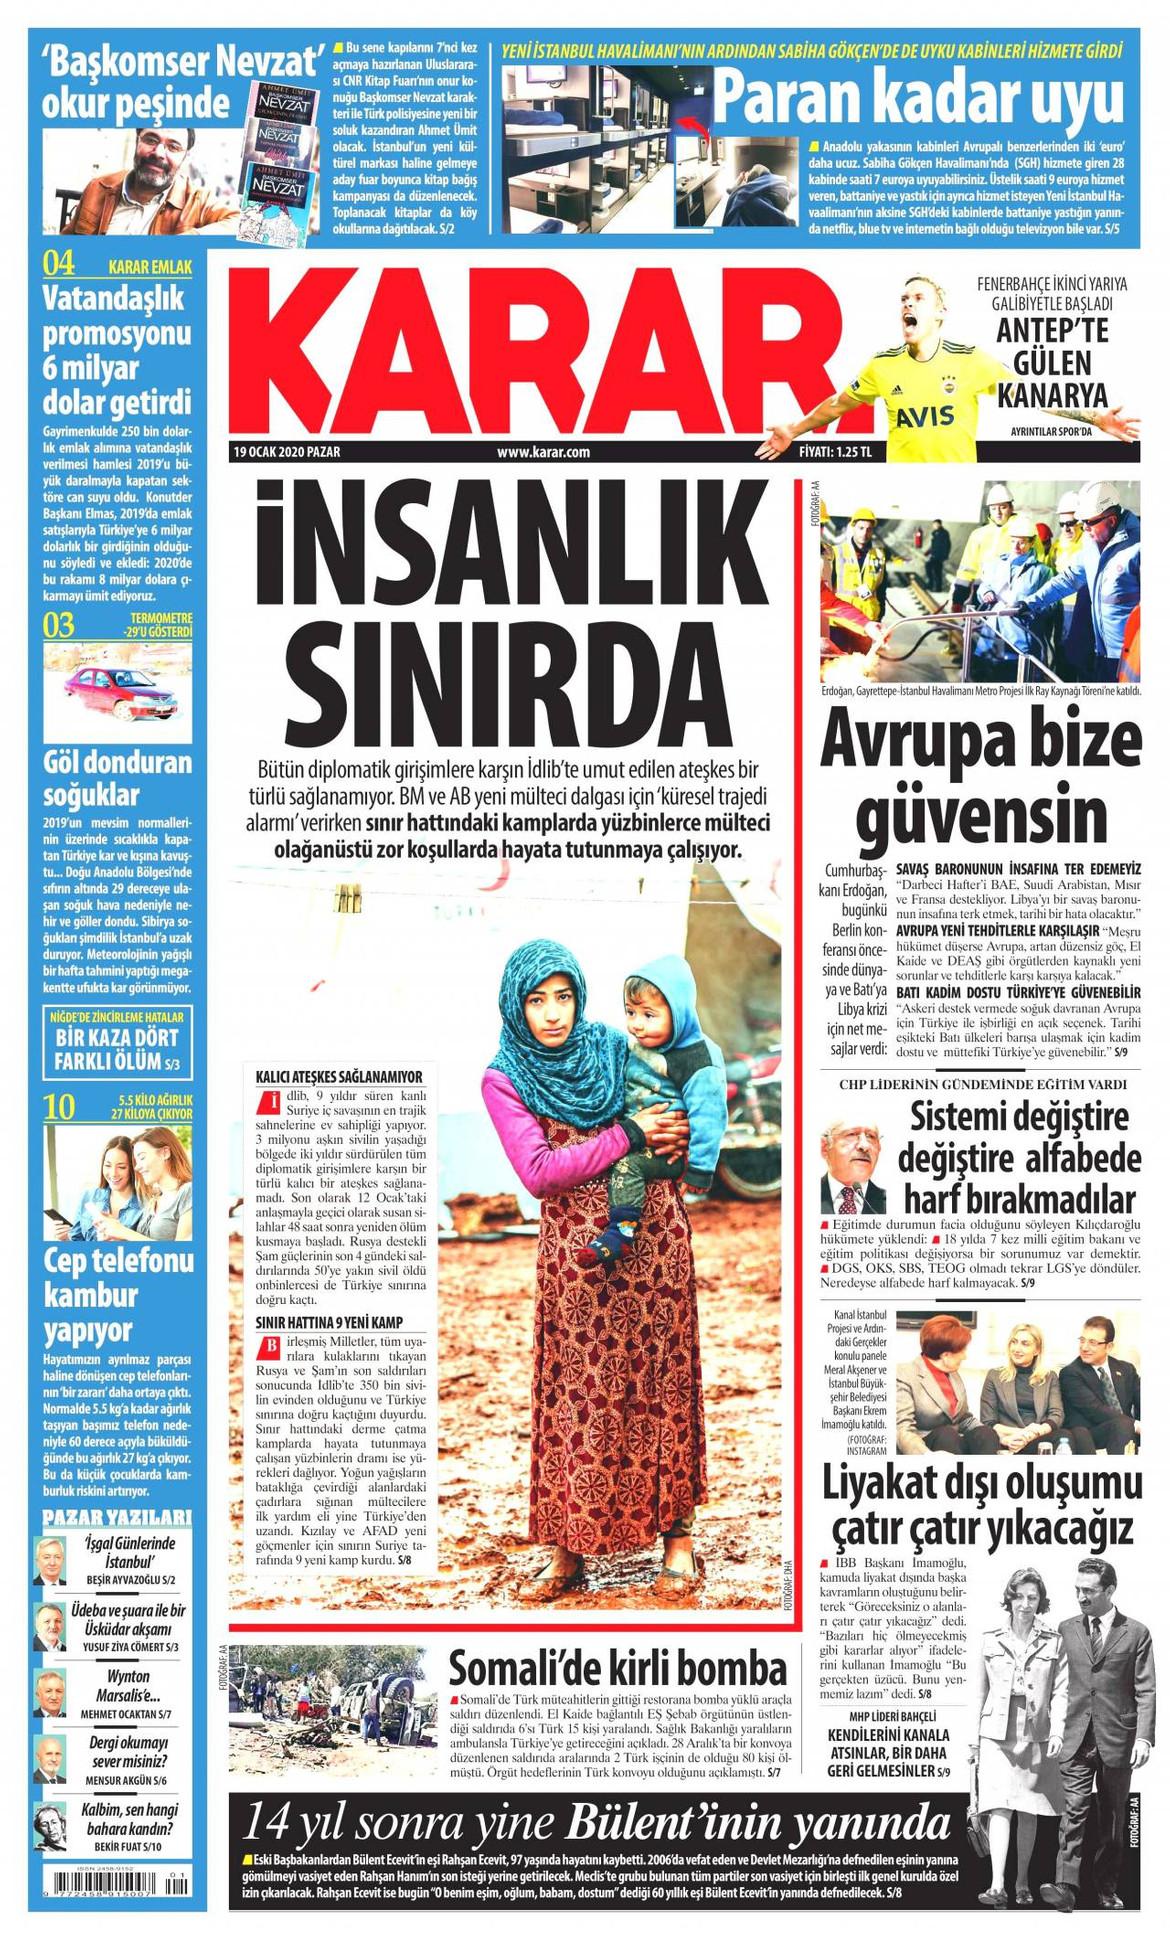 Karar gazetesi manşet ilk sayfa oku